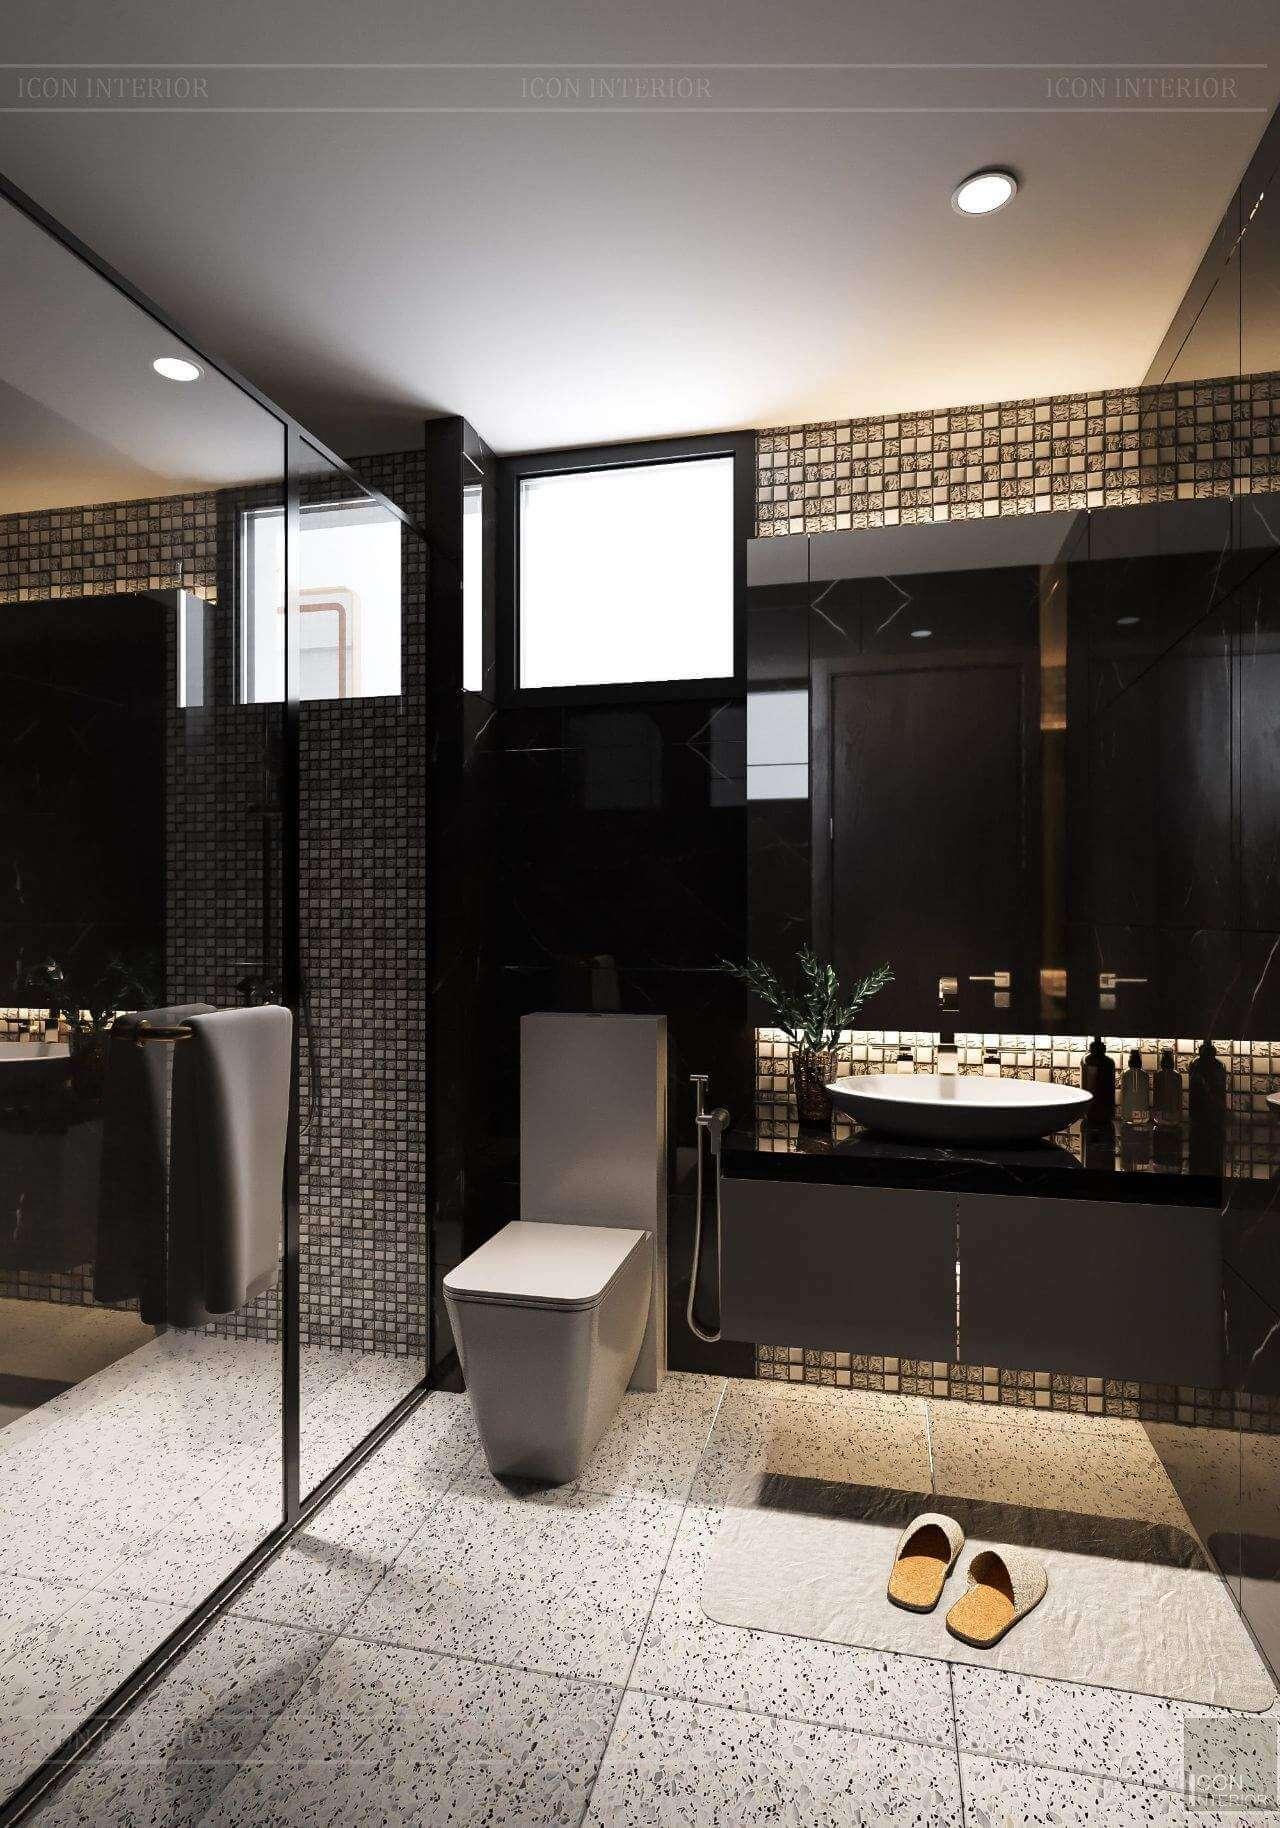 thiết kế phòng tắm hiện đại như resort